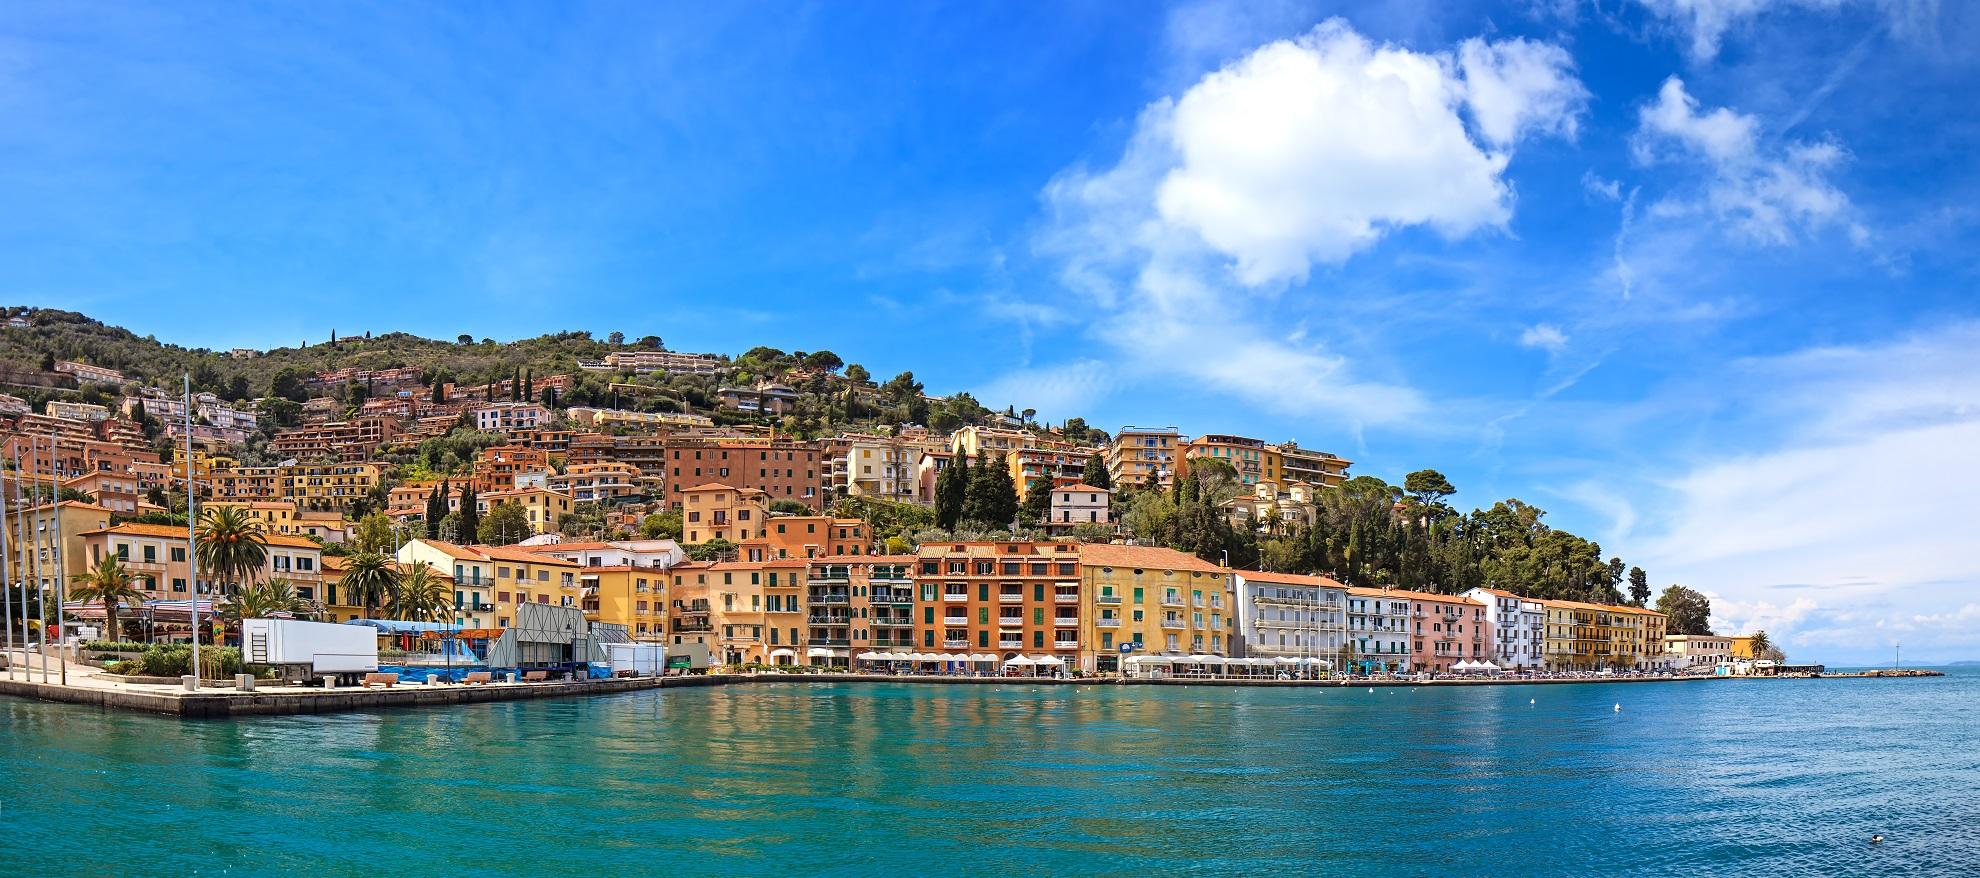 Vacaciones En Portugal Madeira Con Vuelos Y Hotel Con